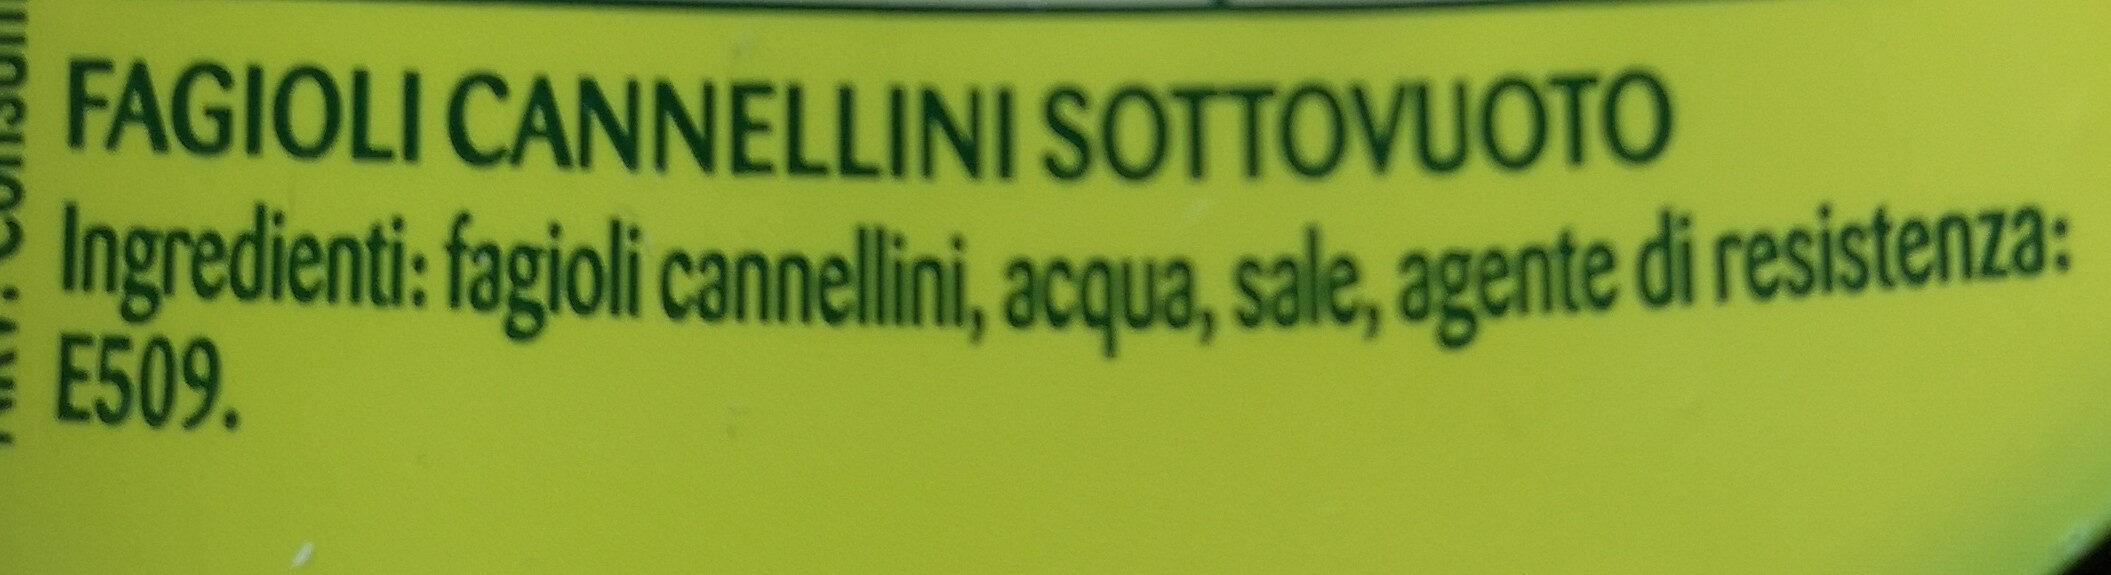 Cannellini - Ingrédients - it